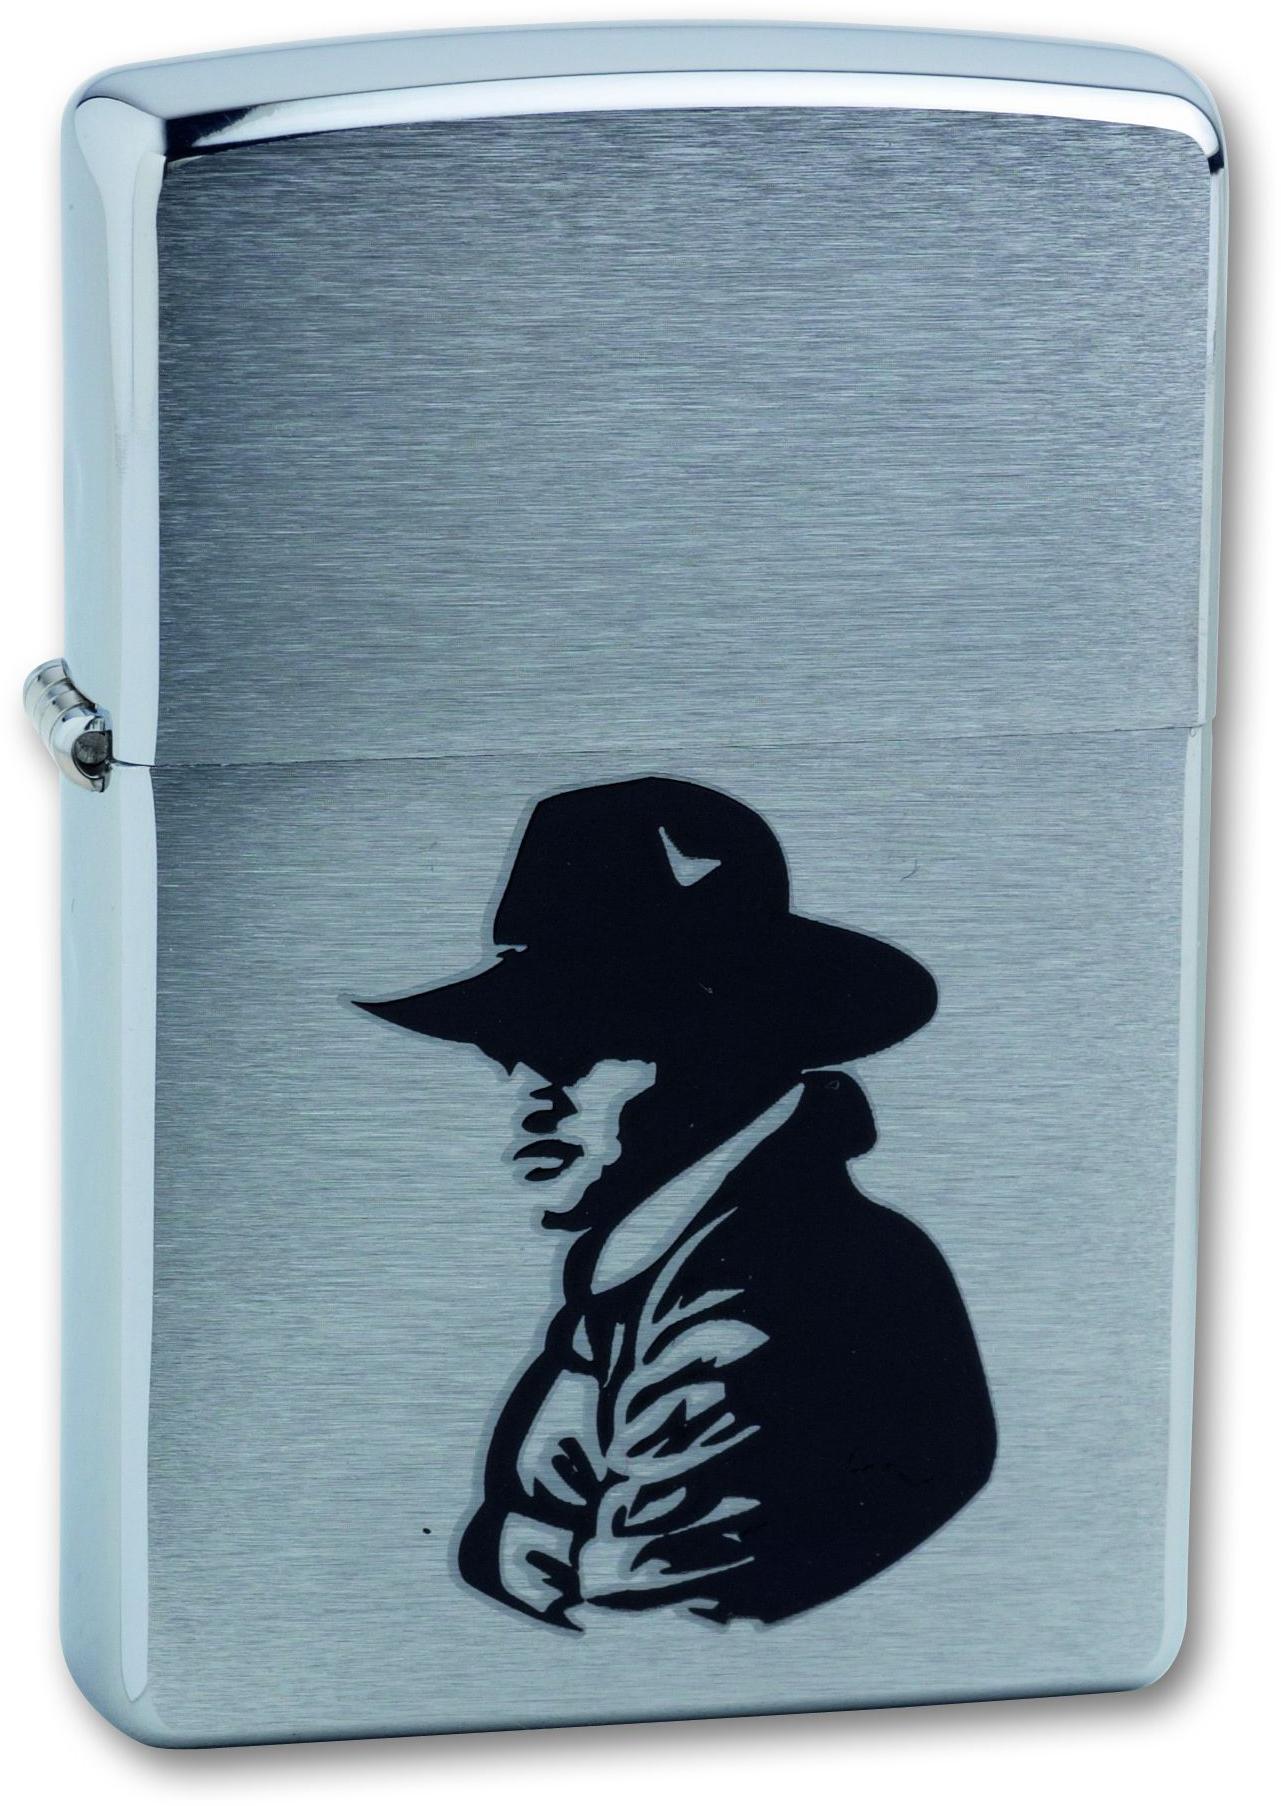 Зажигалка ZIPPO Bronco Cowboy Brushed Chrome, латунь, ник.-хром. покр., сереб., матов., 36х56х12 мм